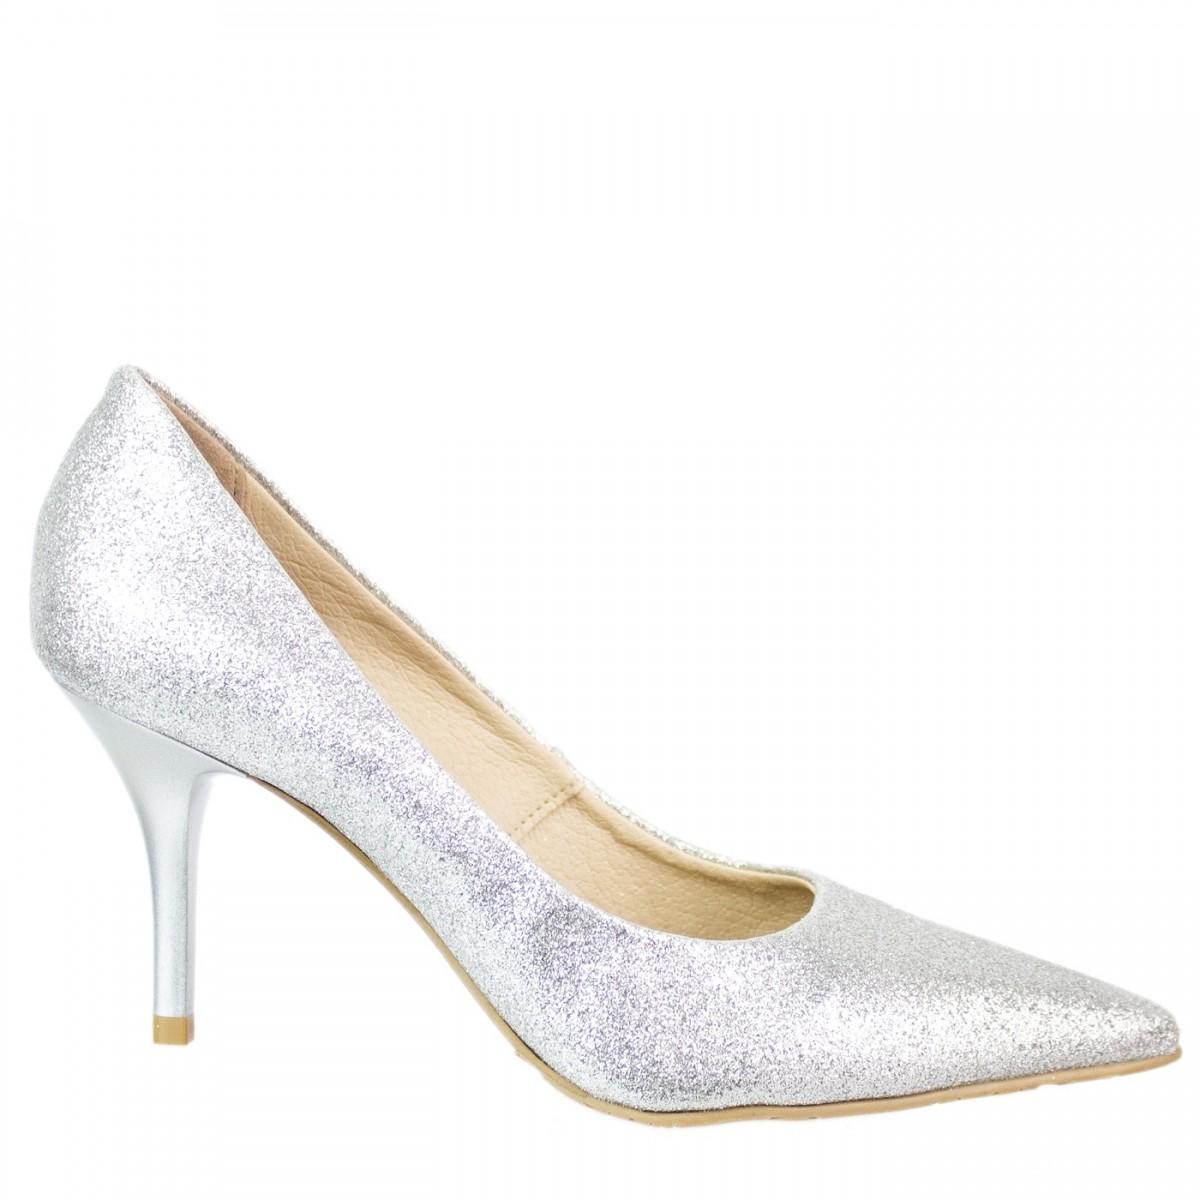 fdfcf7ce0 Bizz Store - Scarpin Feminino Miucha Glitter Social Salto Médio